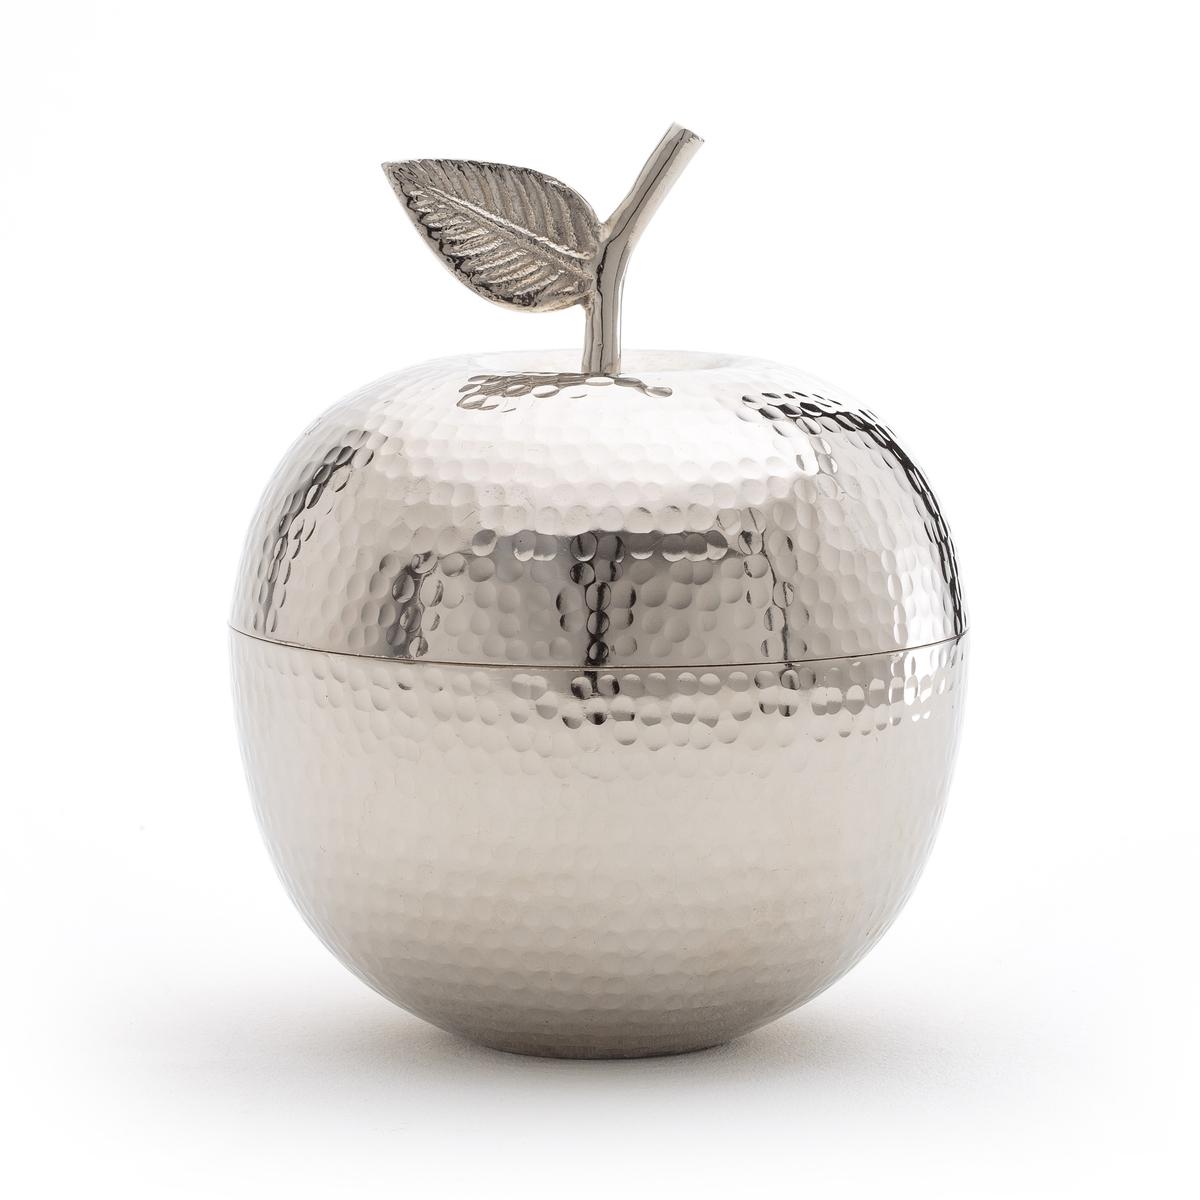 Коробочка в форме яблока MACALa Redoute<br>Декоративная коробочка с оригинальным и практичным дизайном яблоко. Можно ее поставить на обычный, рабочий или туалетный стол для хранения украшений.                   Характеристики коробочки Maca:  Никелированный алюминий .  С крышкой .      Размеры коробочки Maca :  Диаметр 15,5 x Выс20 см<br><br>Цвет: темно-серый<br>Размер: единый размер